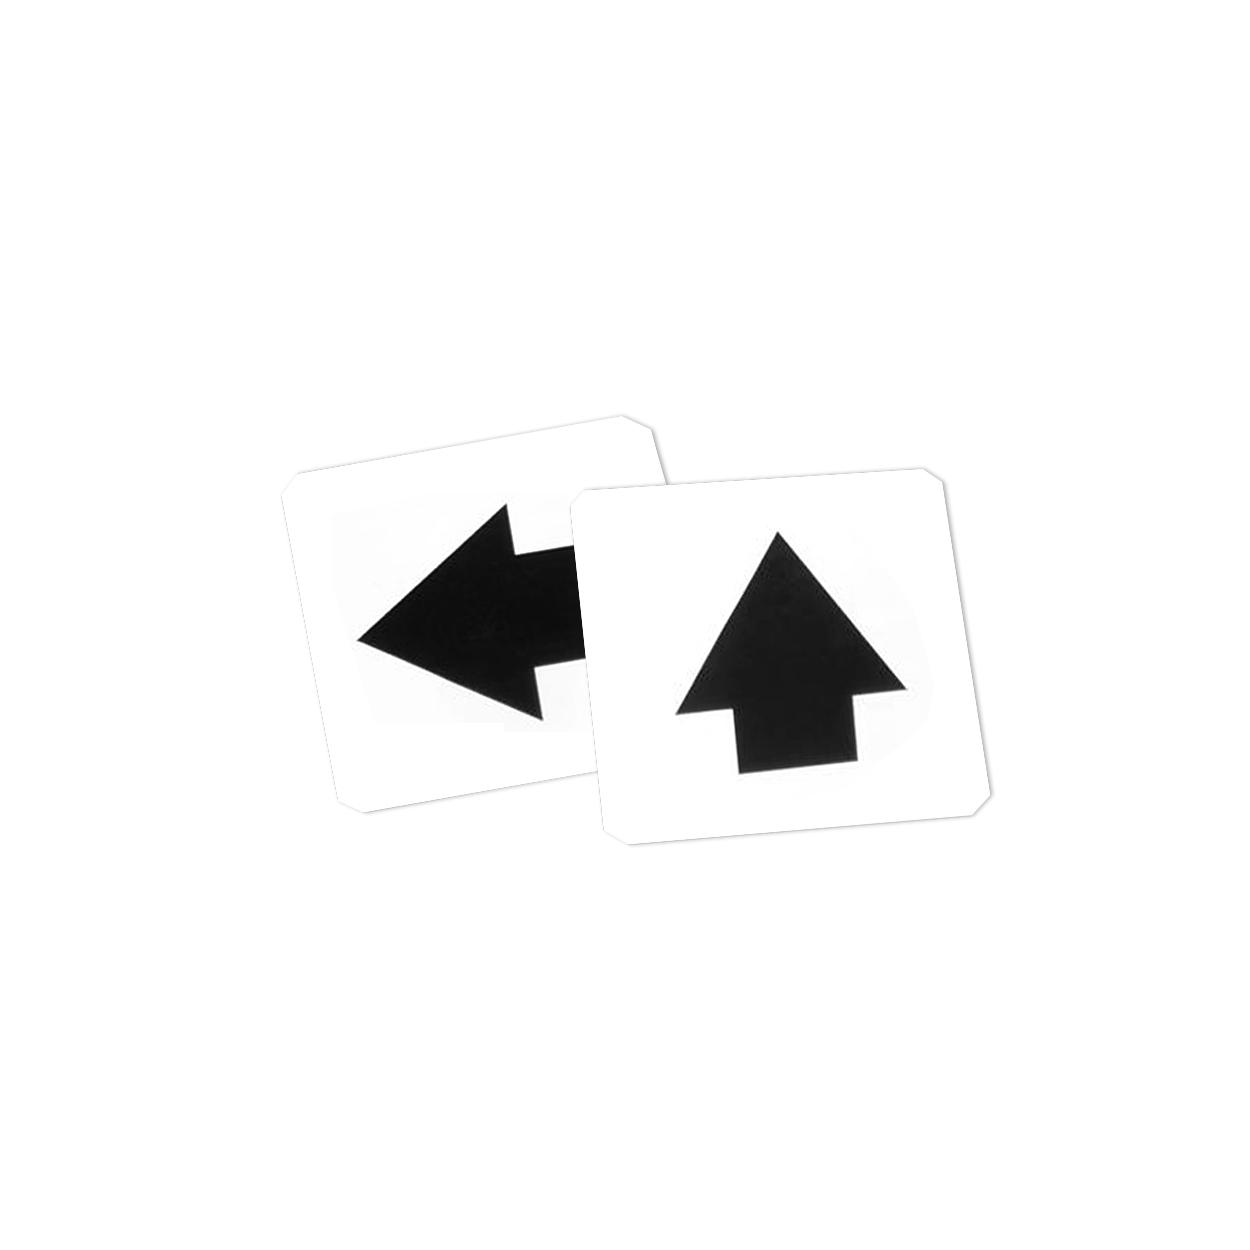 Direction Marker Sign Labels Only - Set Of 4